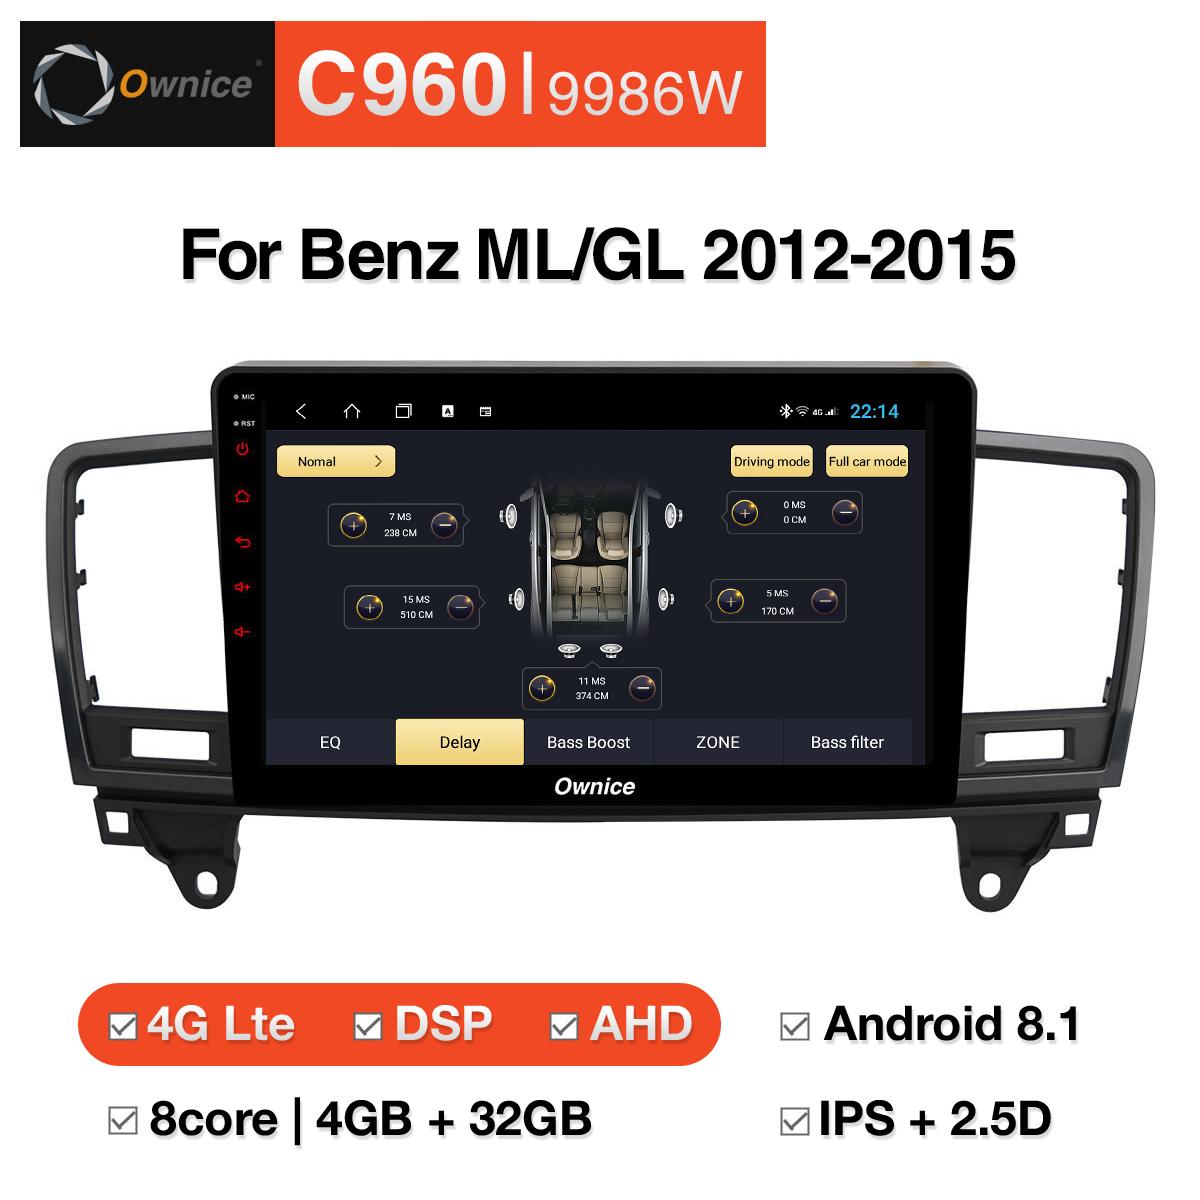 Đầu DVD android Ownice C960 cho xe ô tô Benz ML/GL 2012 - 2015:: OL - 9986W